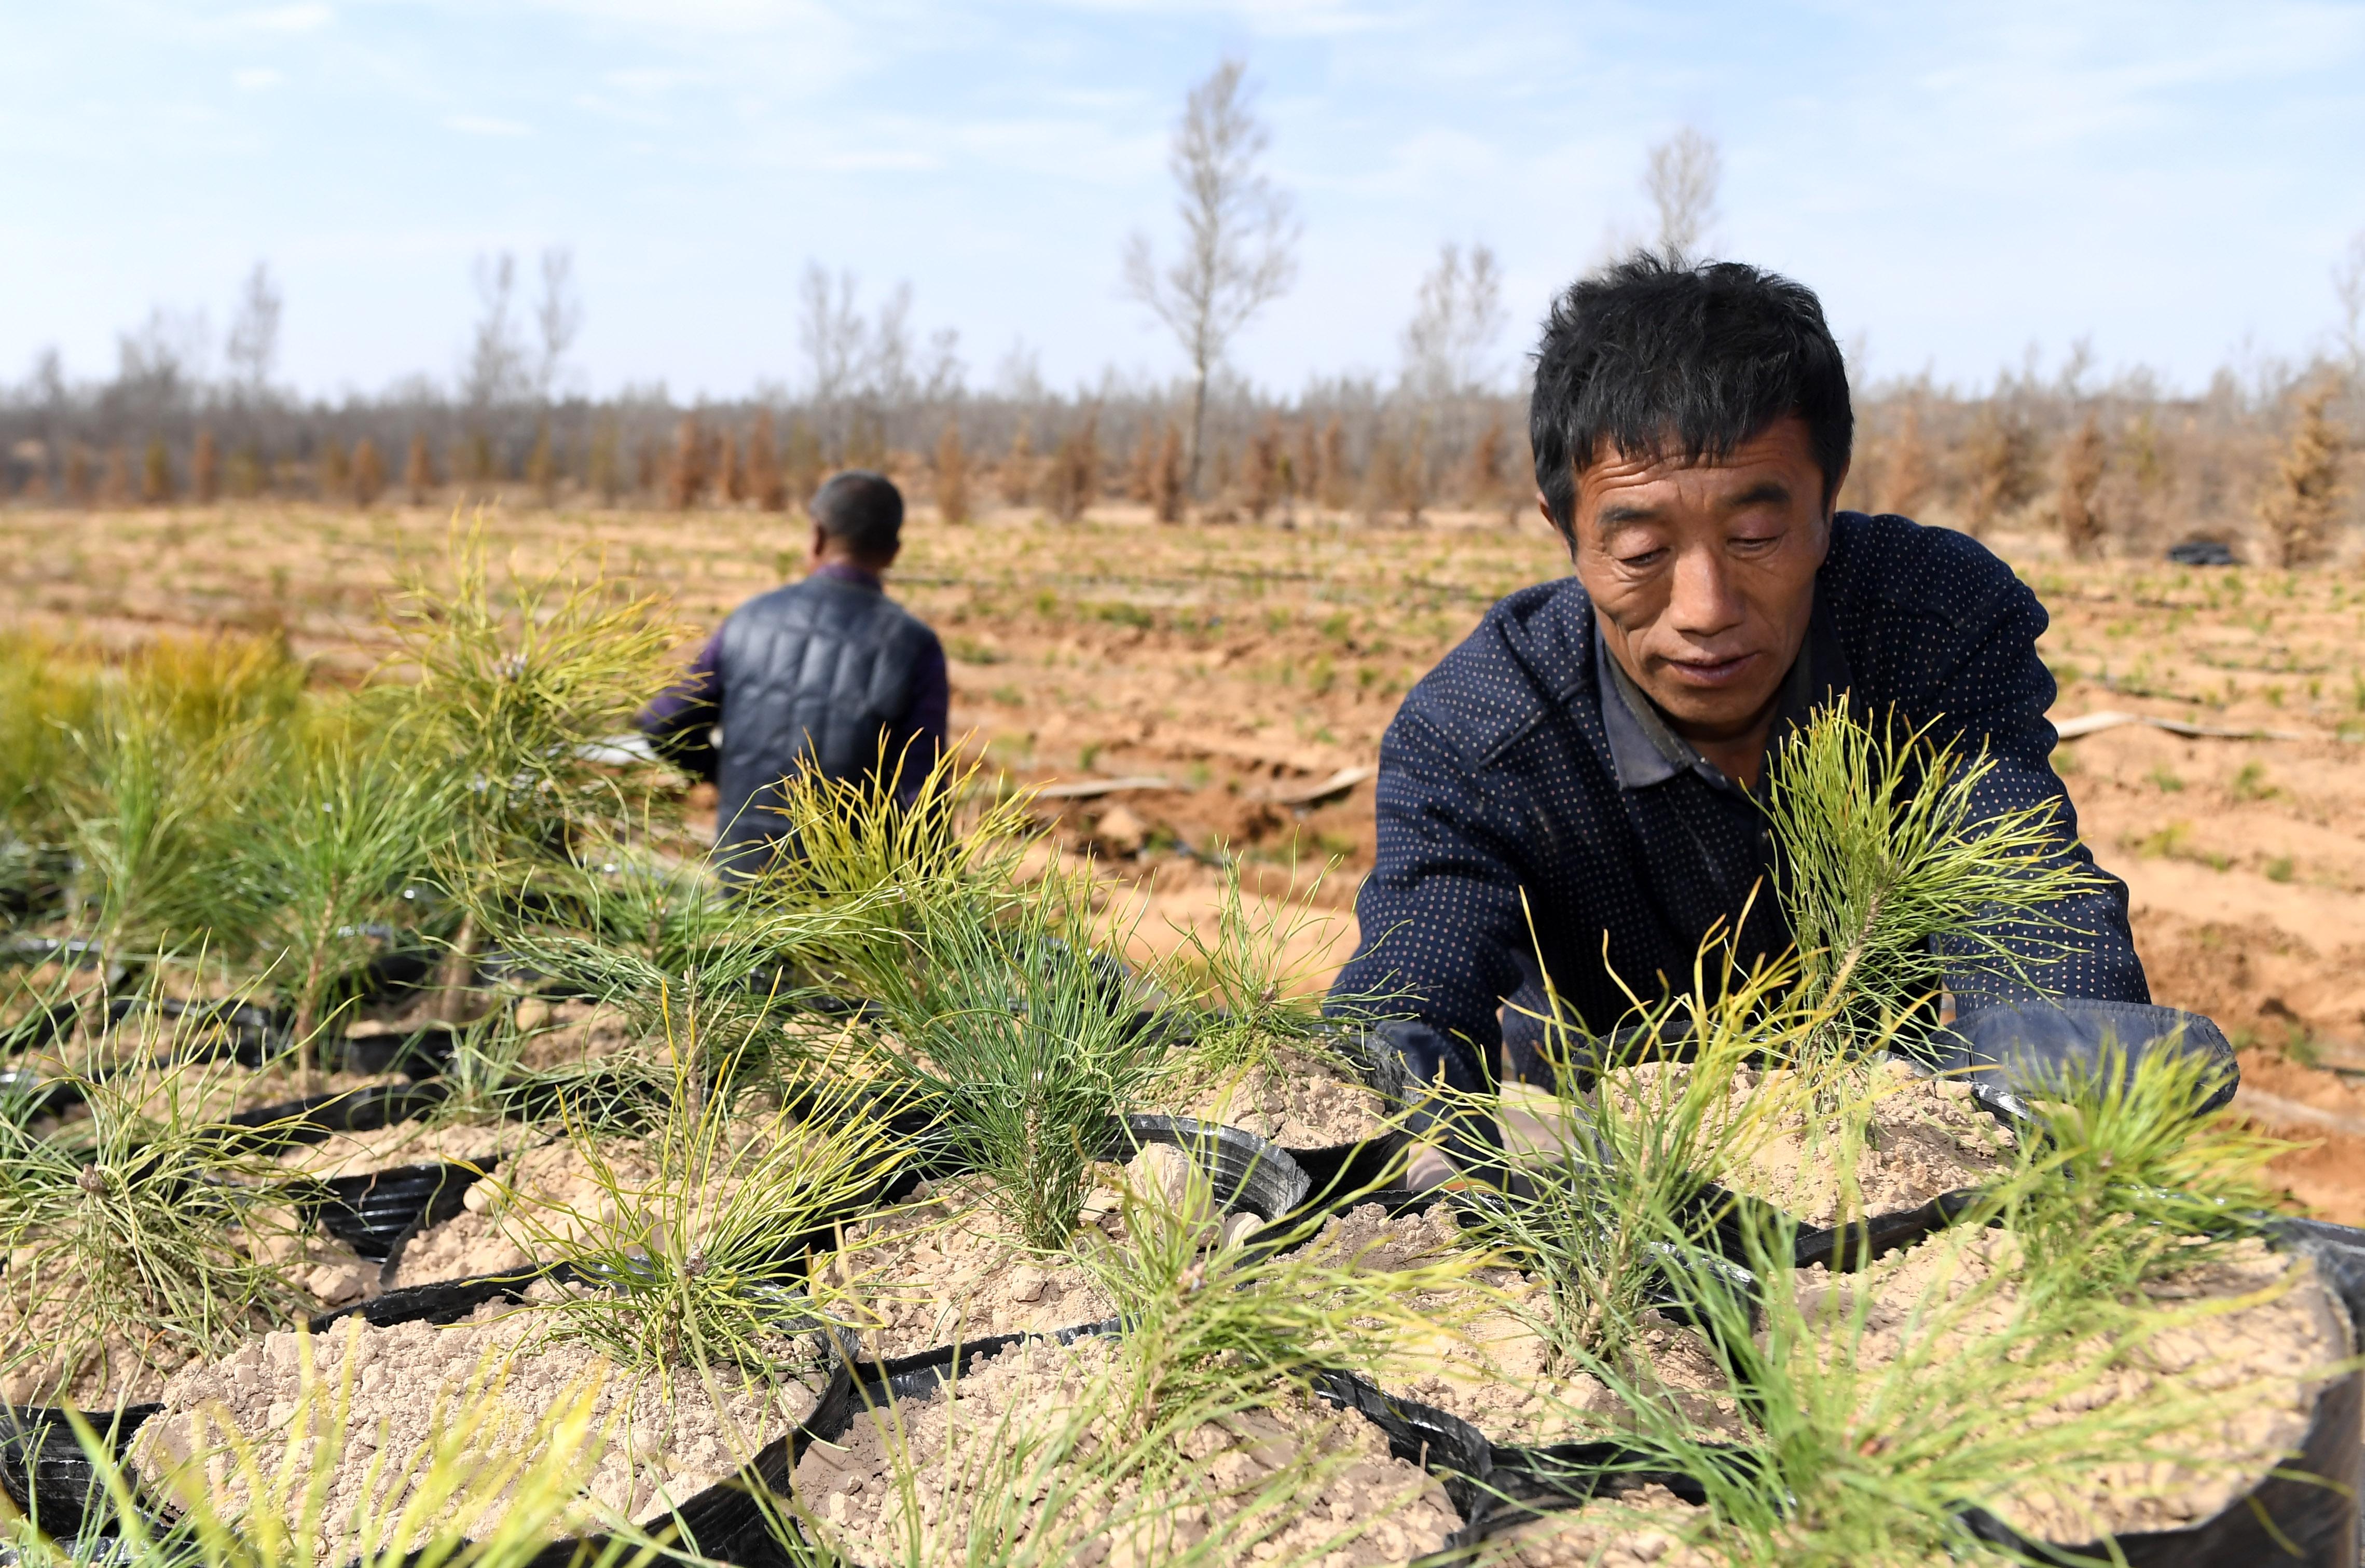 Fiatalok millióit irányítaná a kínai kommunista párt vidékre, hogy modernizálják az elmaradott régiókat